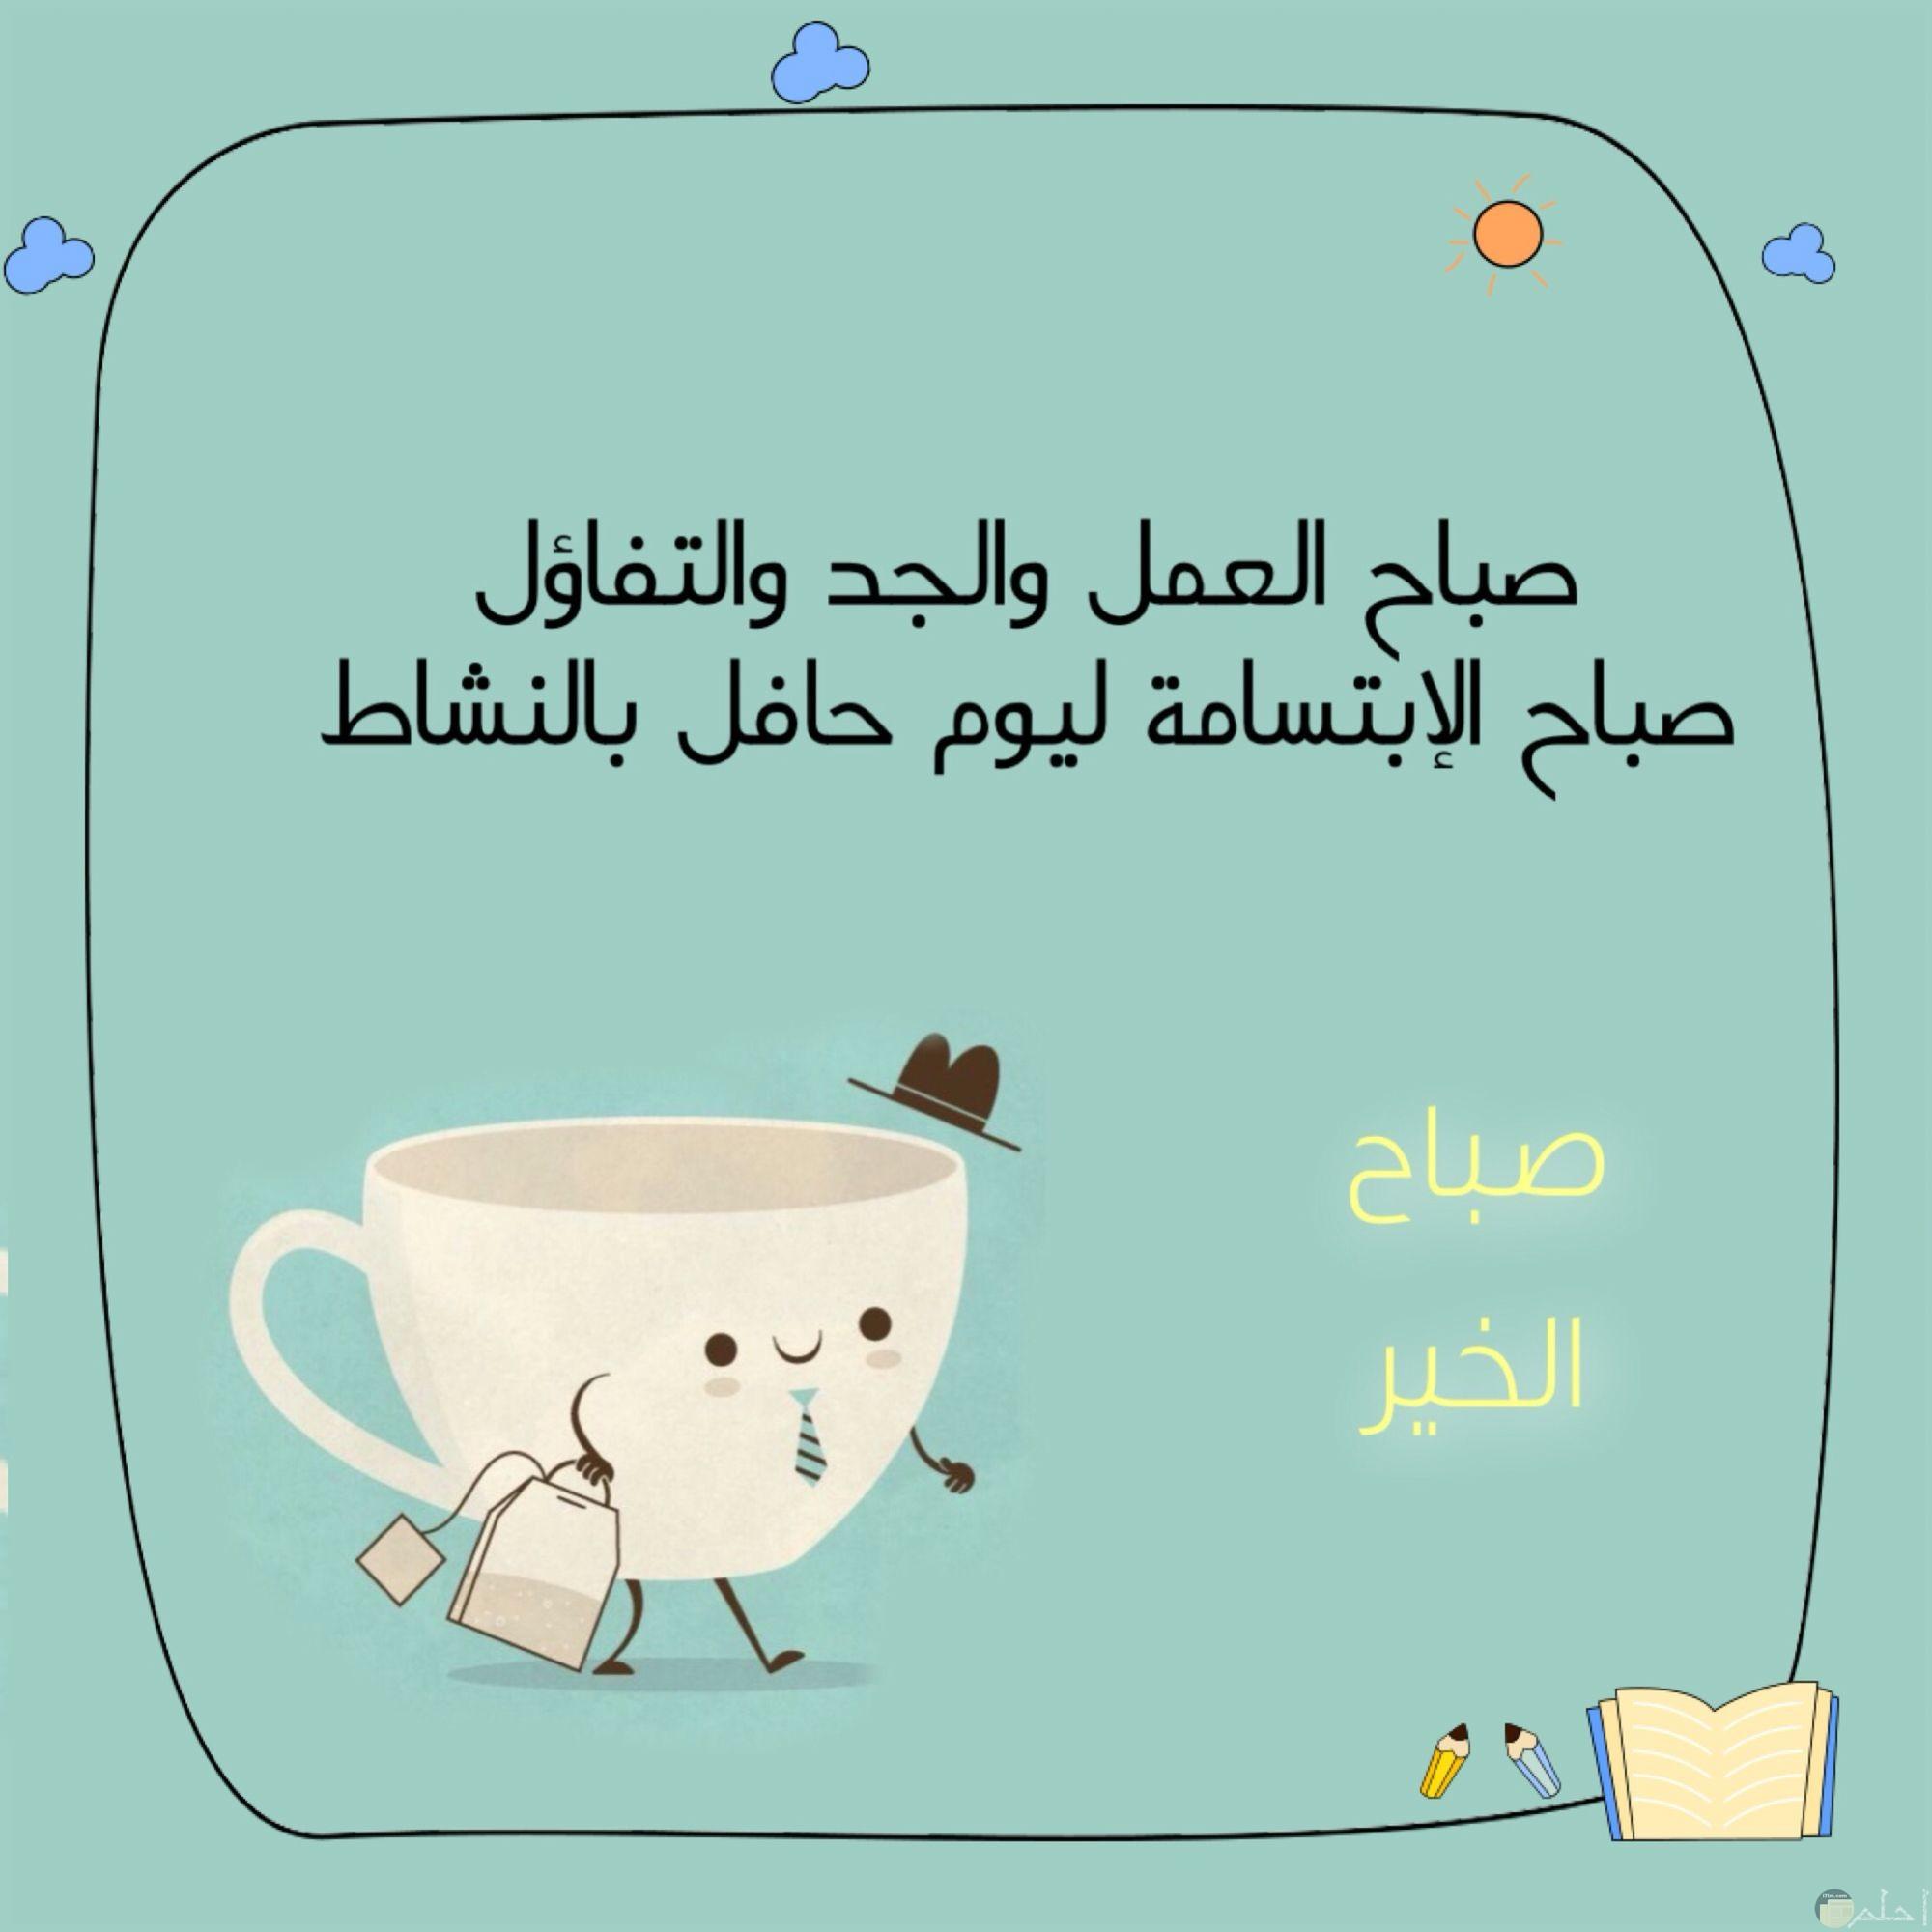 صورة جميلة لصباح الخير والجد والتفاؤل والإجتهاد مع فنجان قهوة ذاهب للعمل